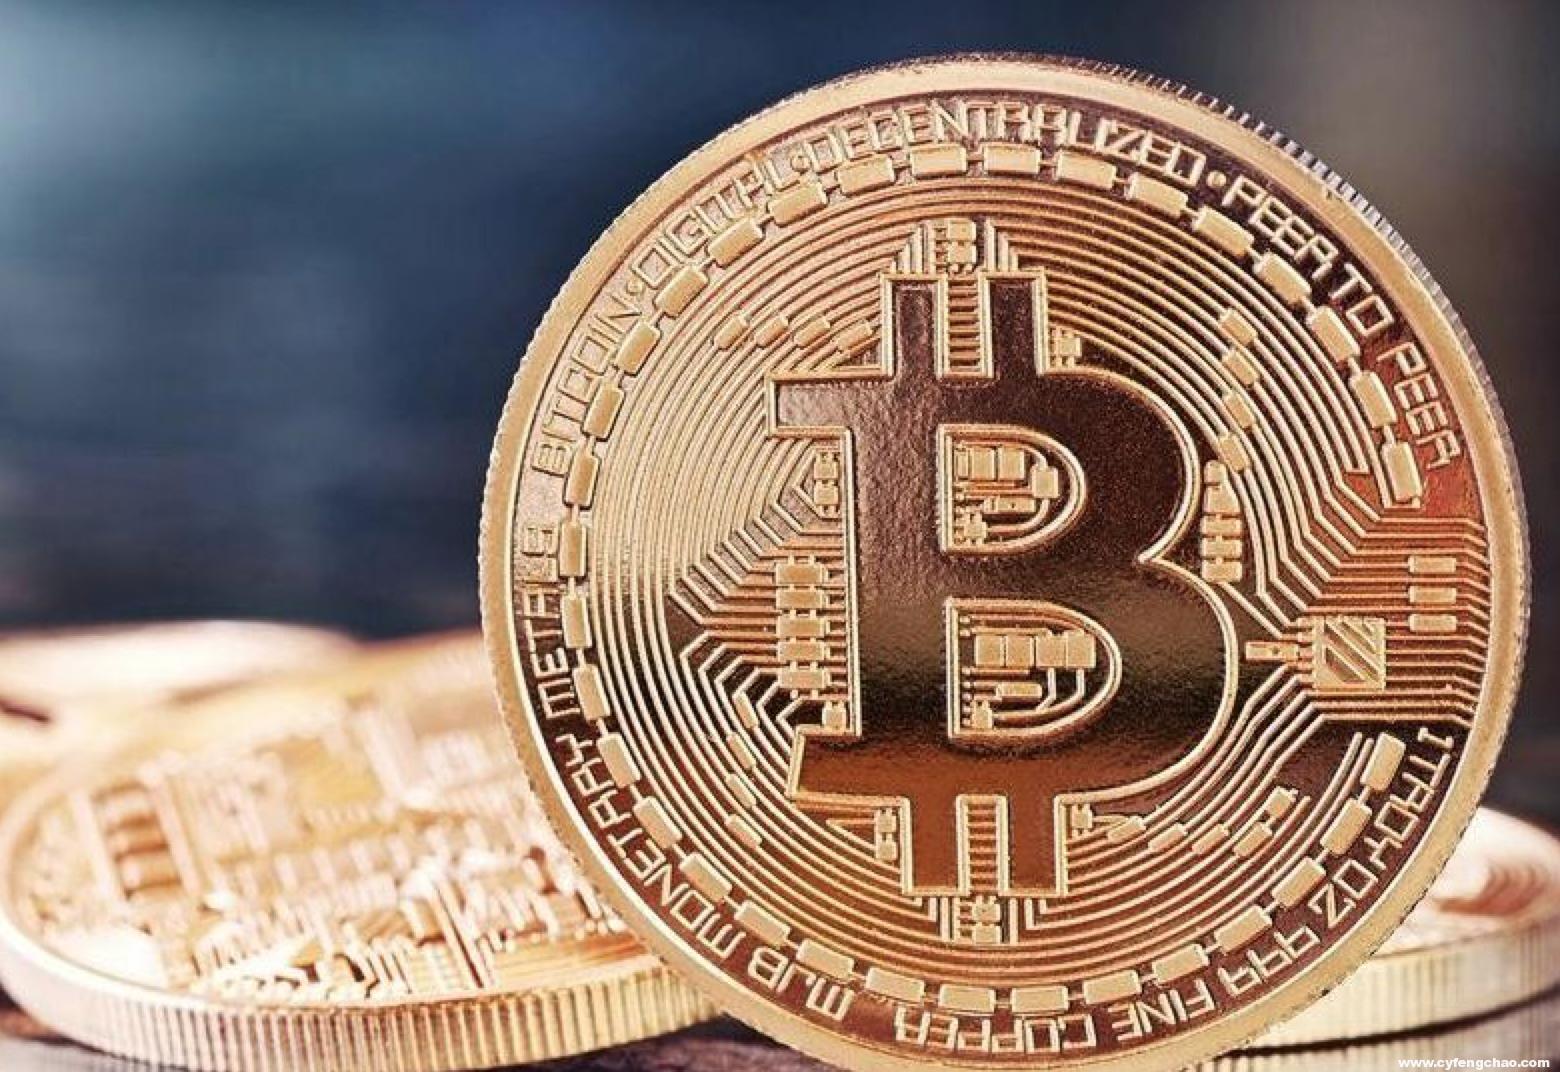 比特币再次遭禁,摩洛哥政府发声国内将禁止比特币交易-烽巢网